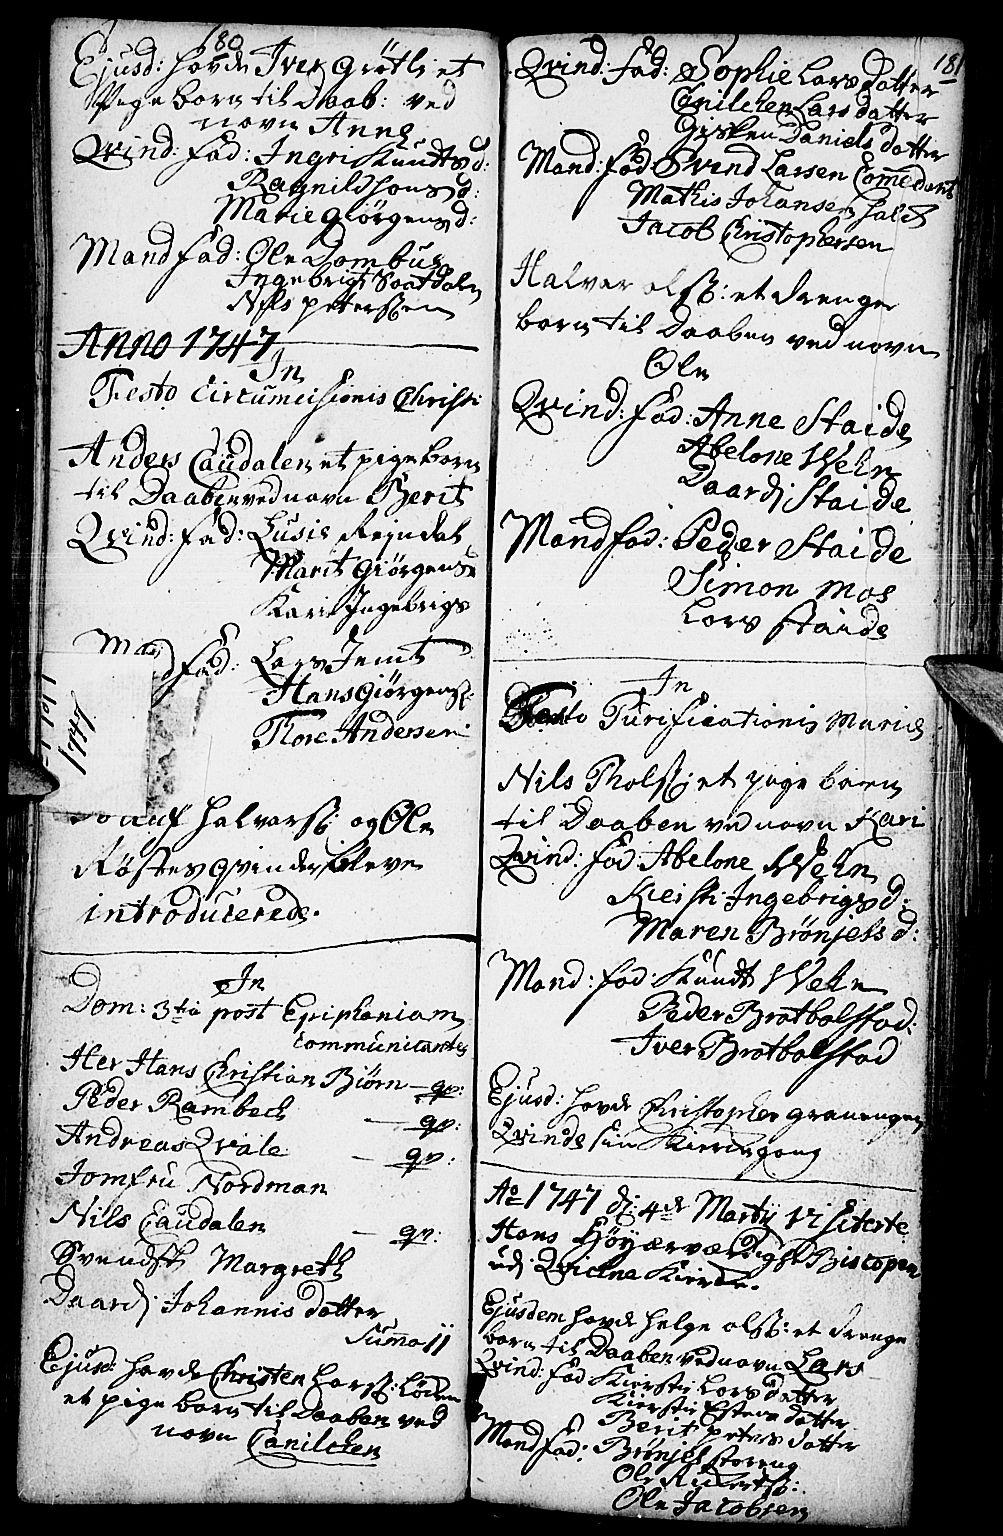 SAH, Kvikne prestekontor, Parish register (official) no. 1, 1740-1756, p. 180-181